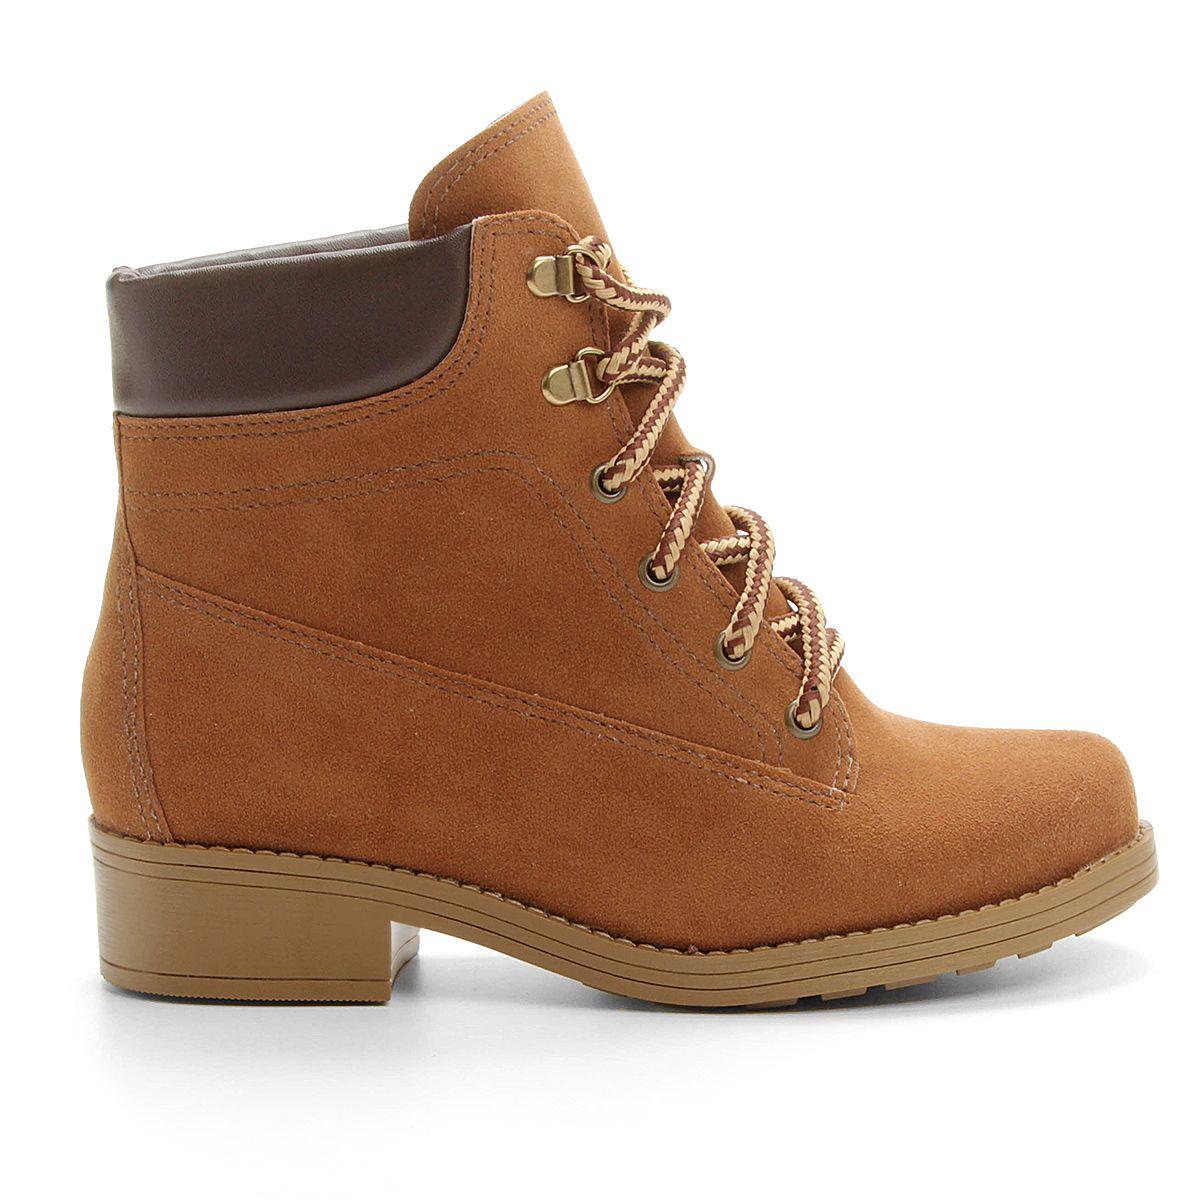 9a08cdba206f6 Compre Bota Moleca Coturno Caramelo na Zattini a nova loja de moda online  da Netshoes. Encontre Sapatos, Sandálias, Bolsas e Acessórios. Clique e  Confira!